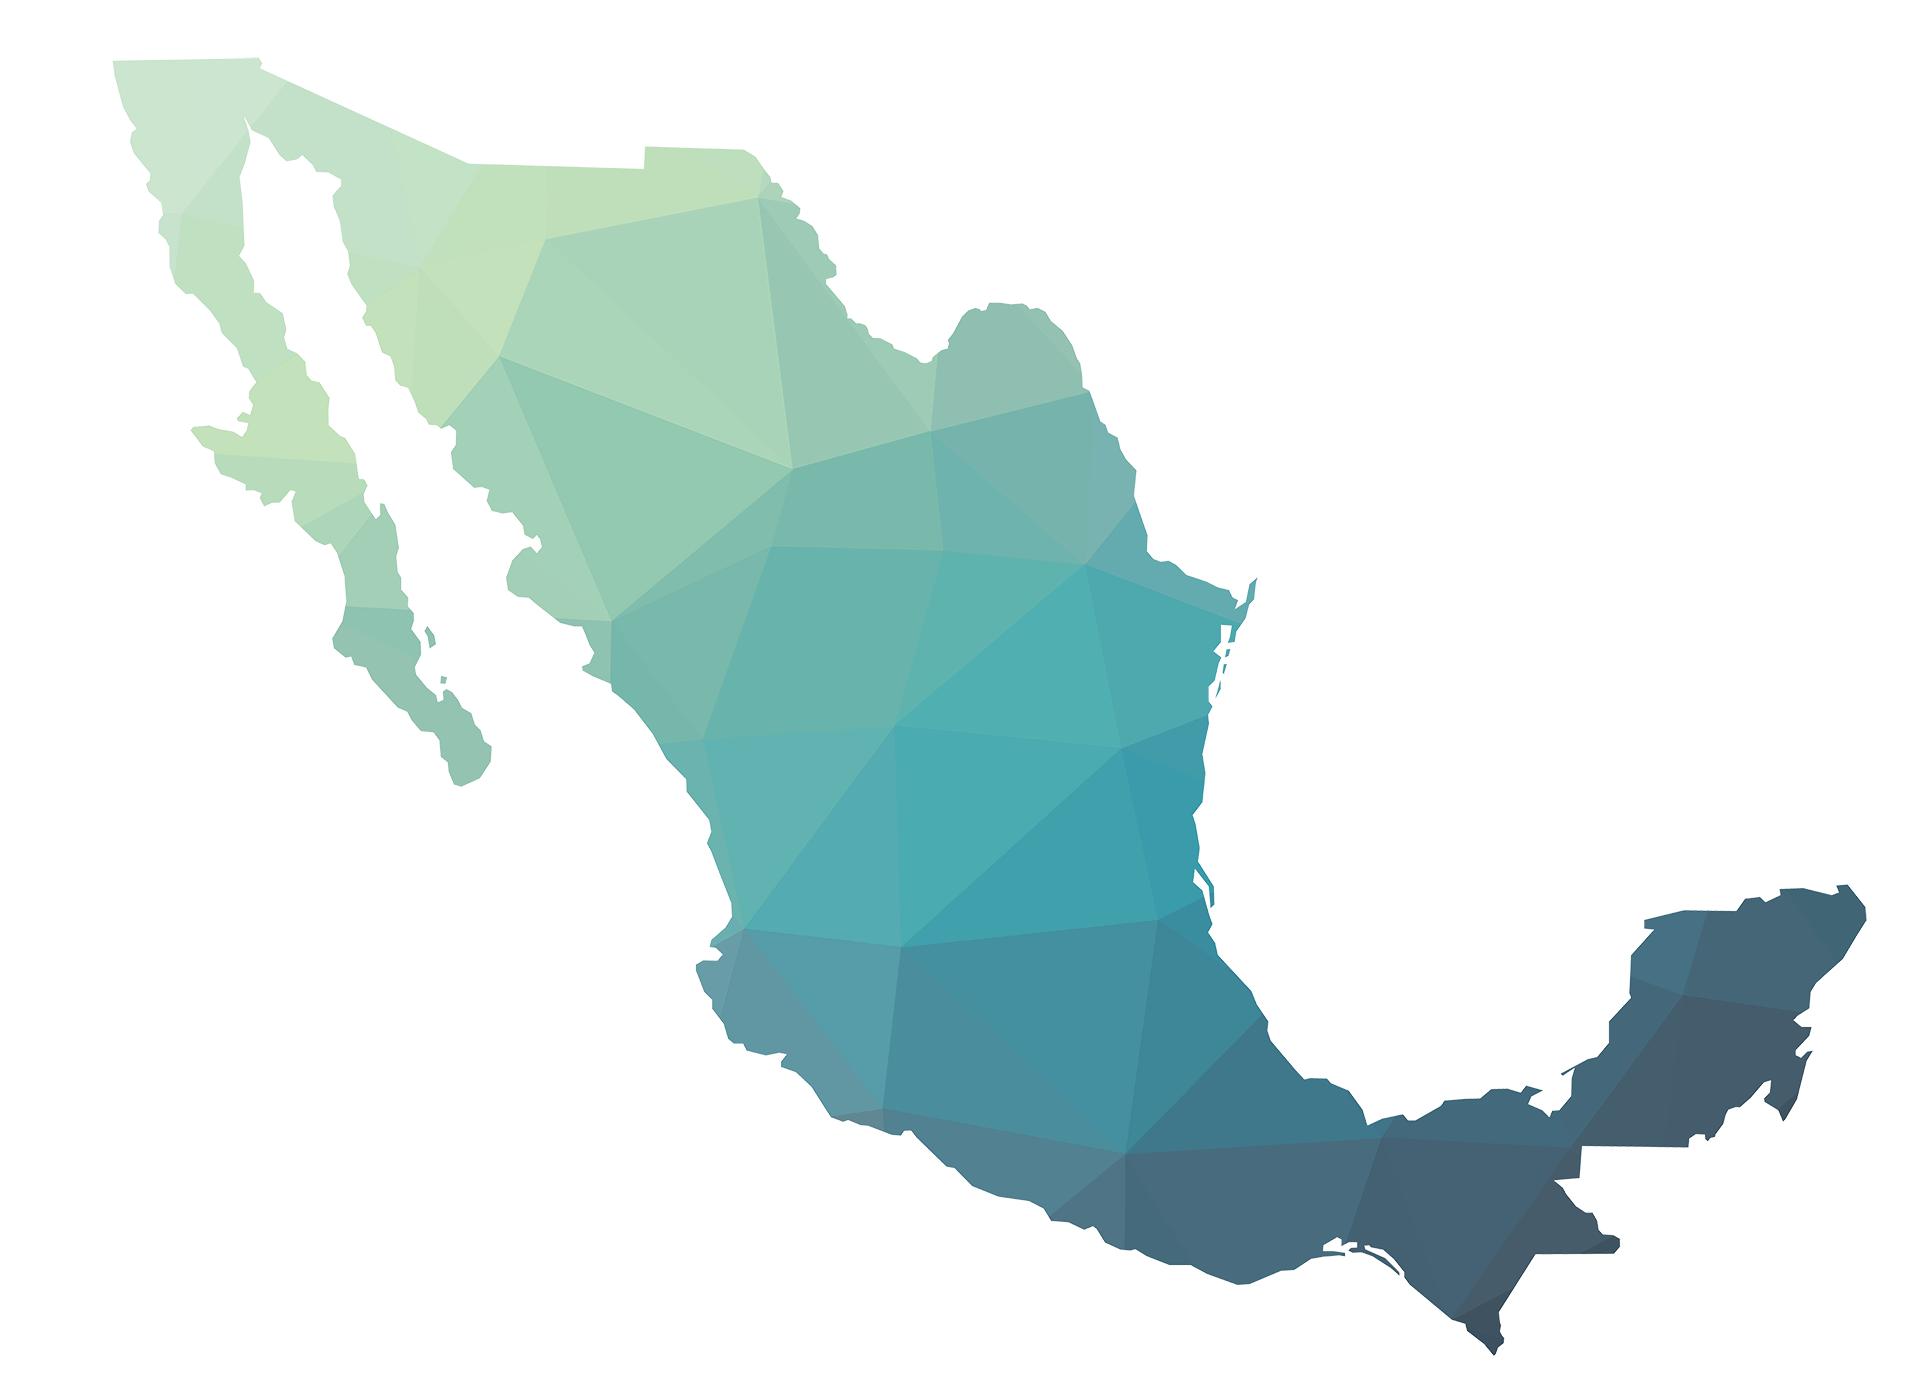 Das Land Mexico auf einer Karte